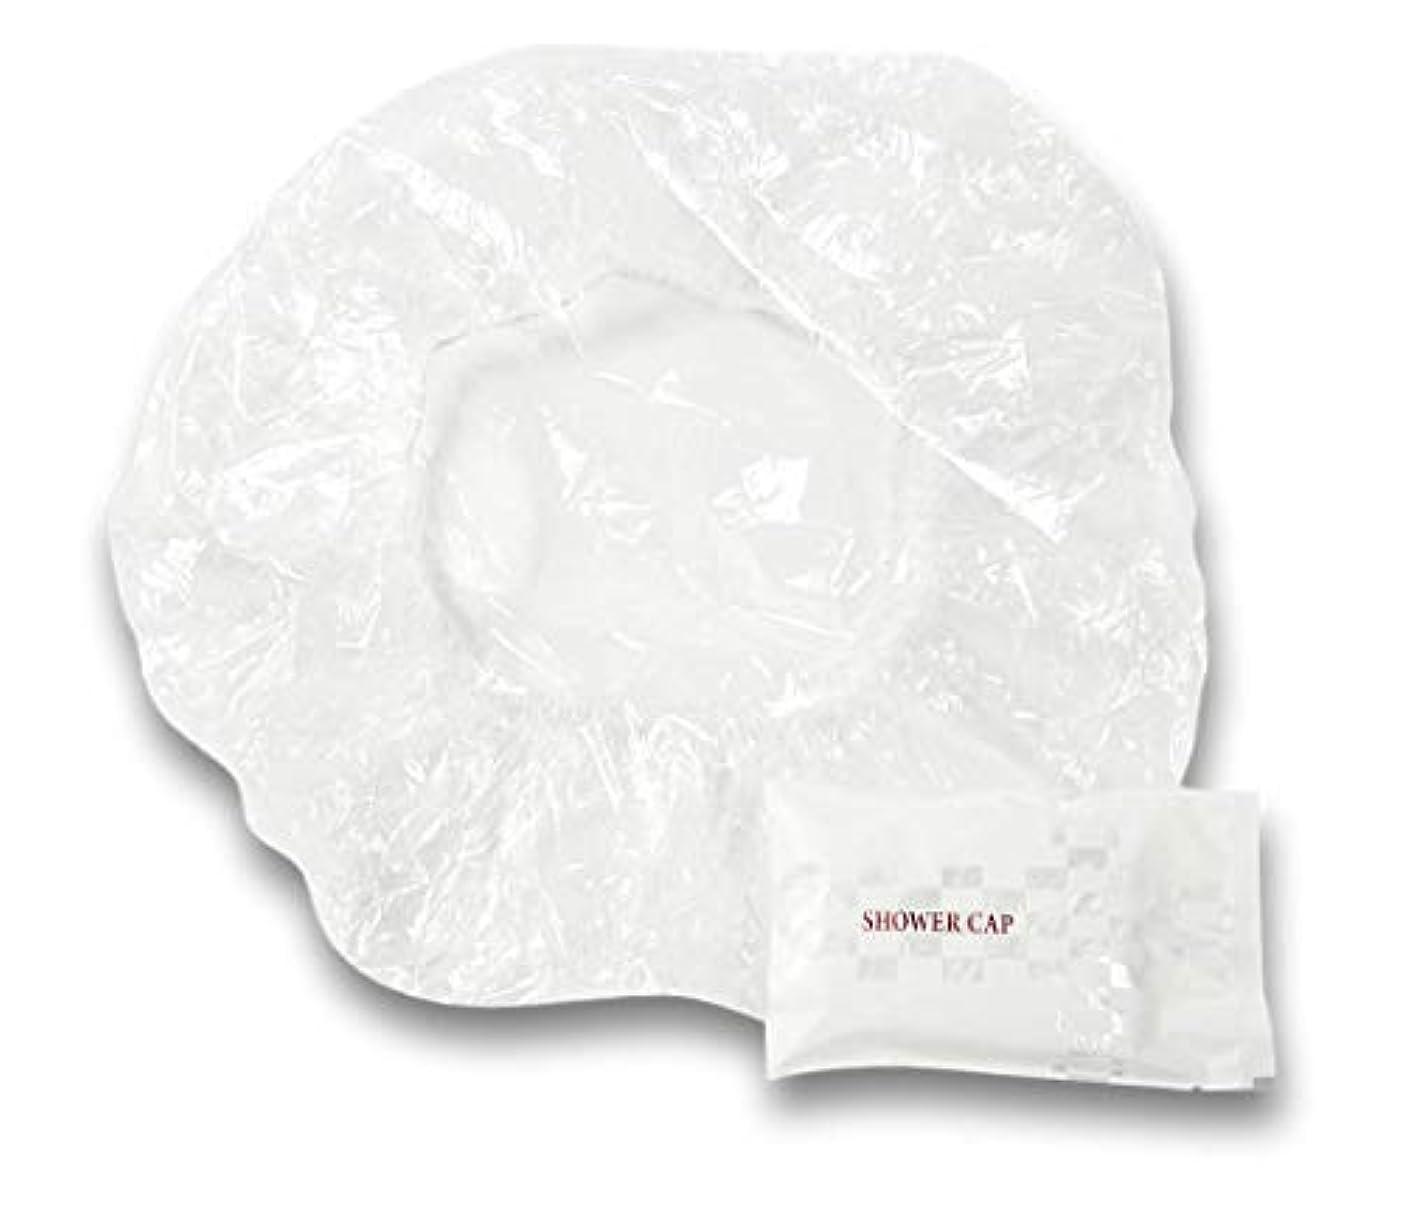 驚かす始まりスラムラティス シャワーキャップ 業務用 個別包装100入り 使い捨てキャップ